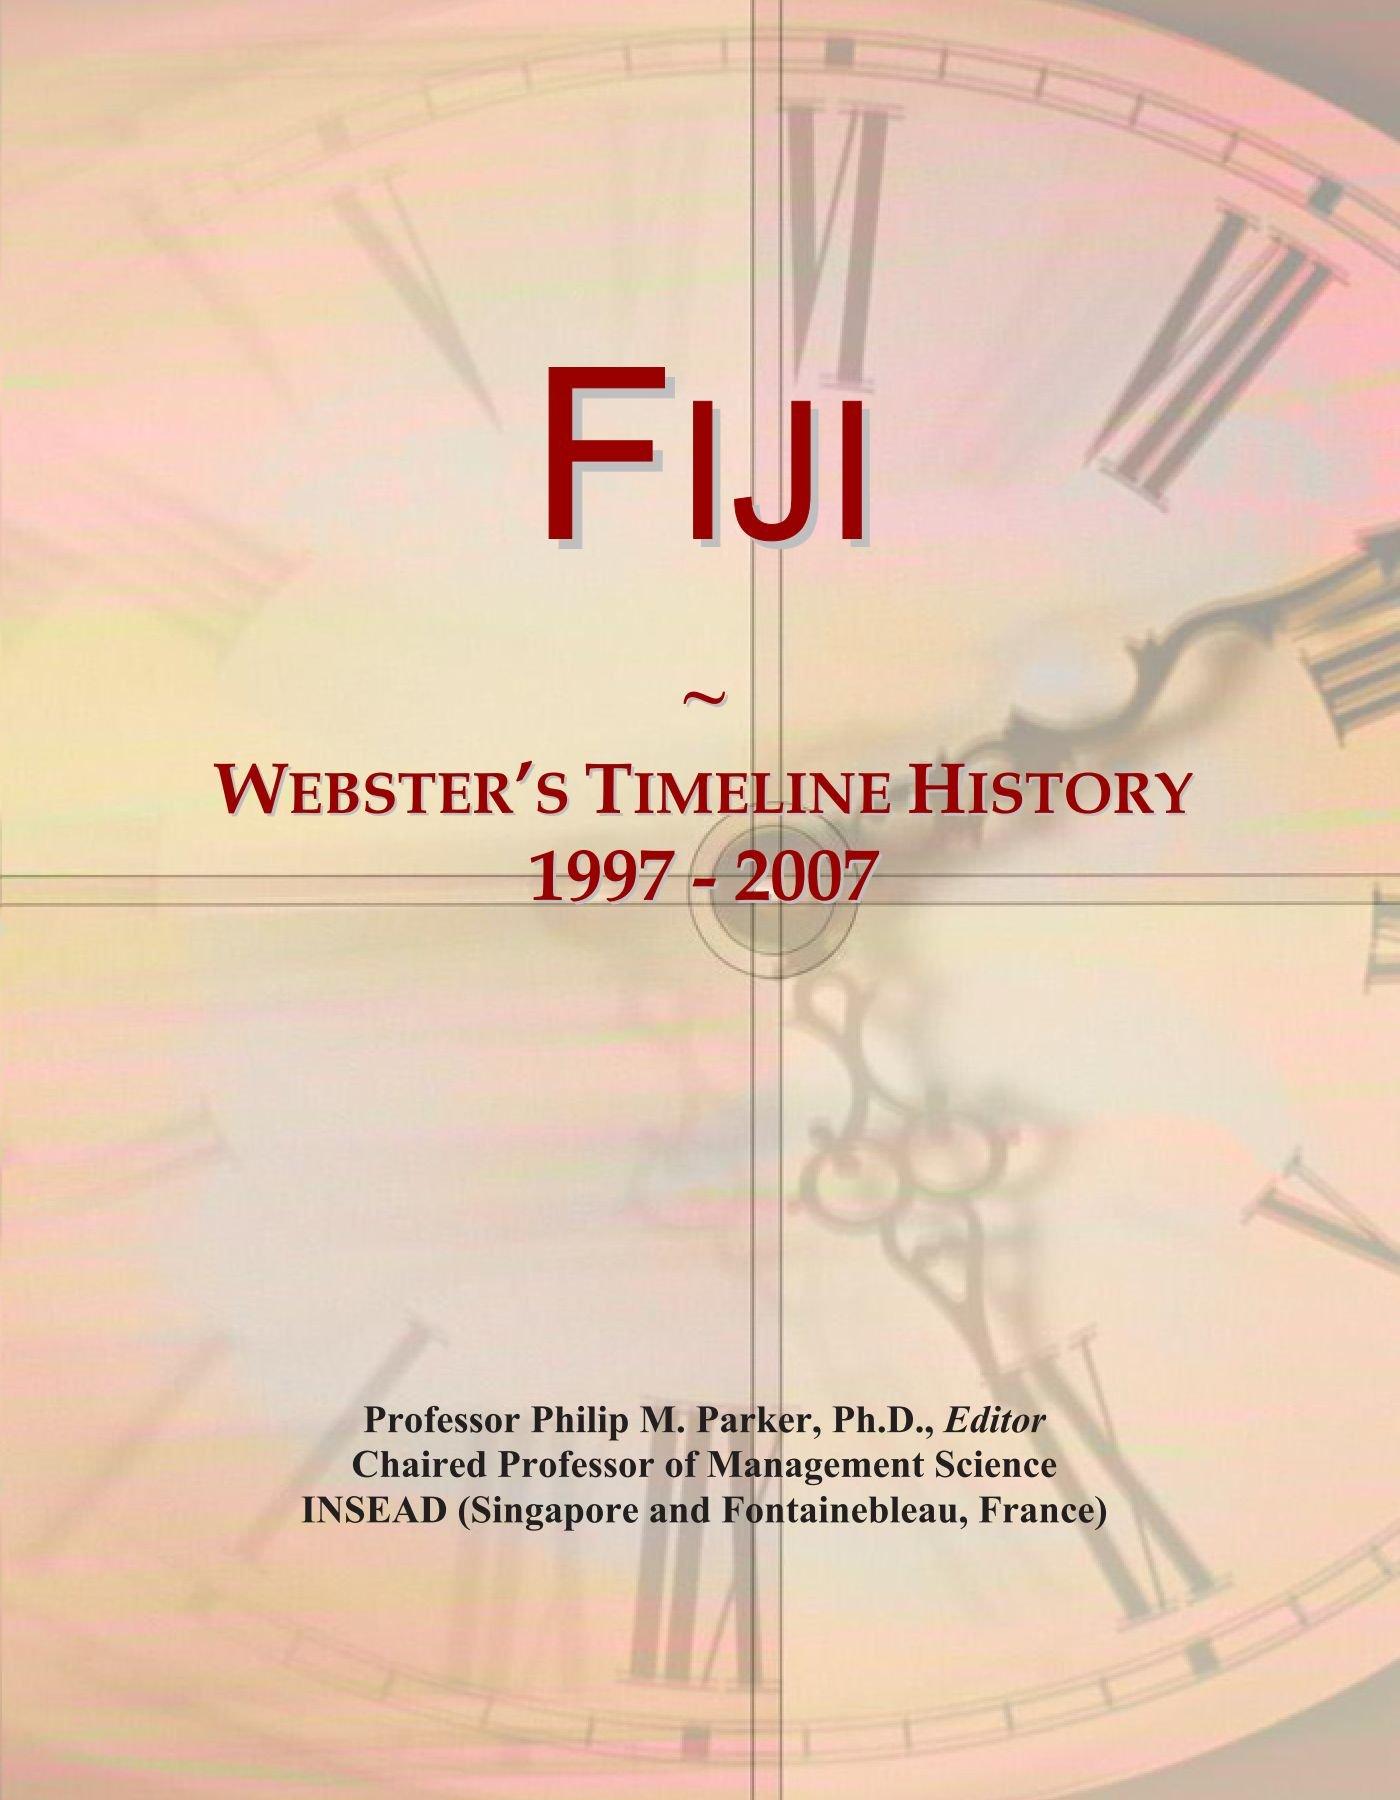 fiji-webster-s-timeline-history-1997-2007